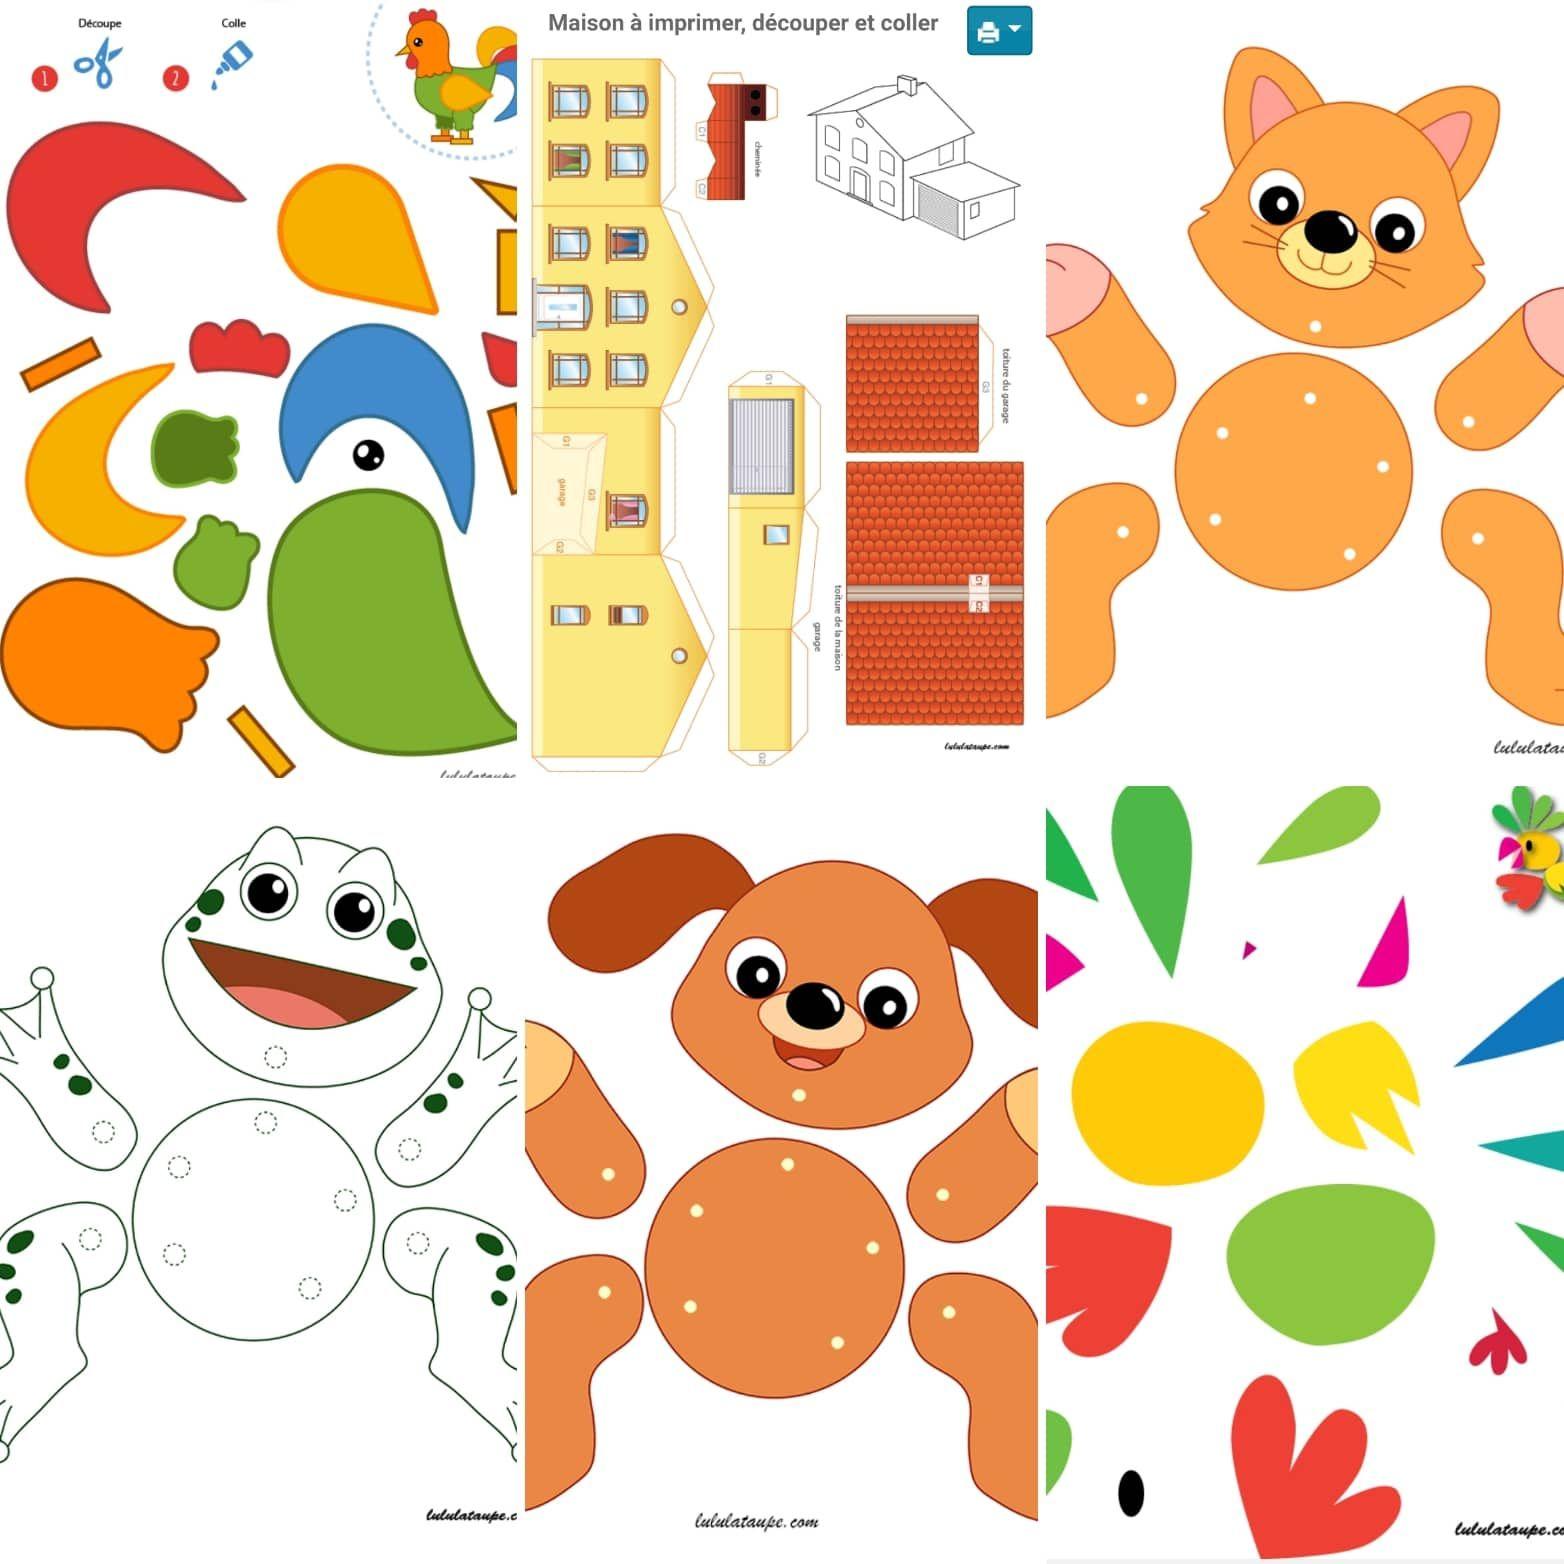 Découpage Bricolage Enfant | Découpage Maternelle, Apprendre destiné Découpage Maternelle À Imprimer